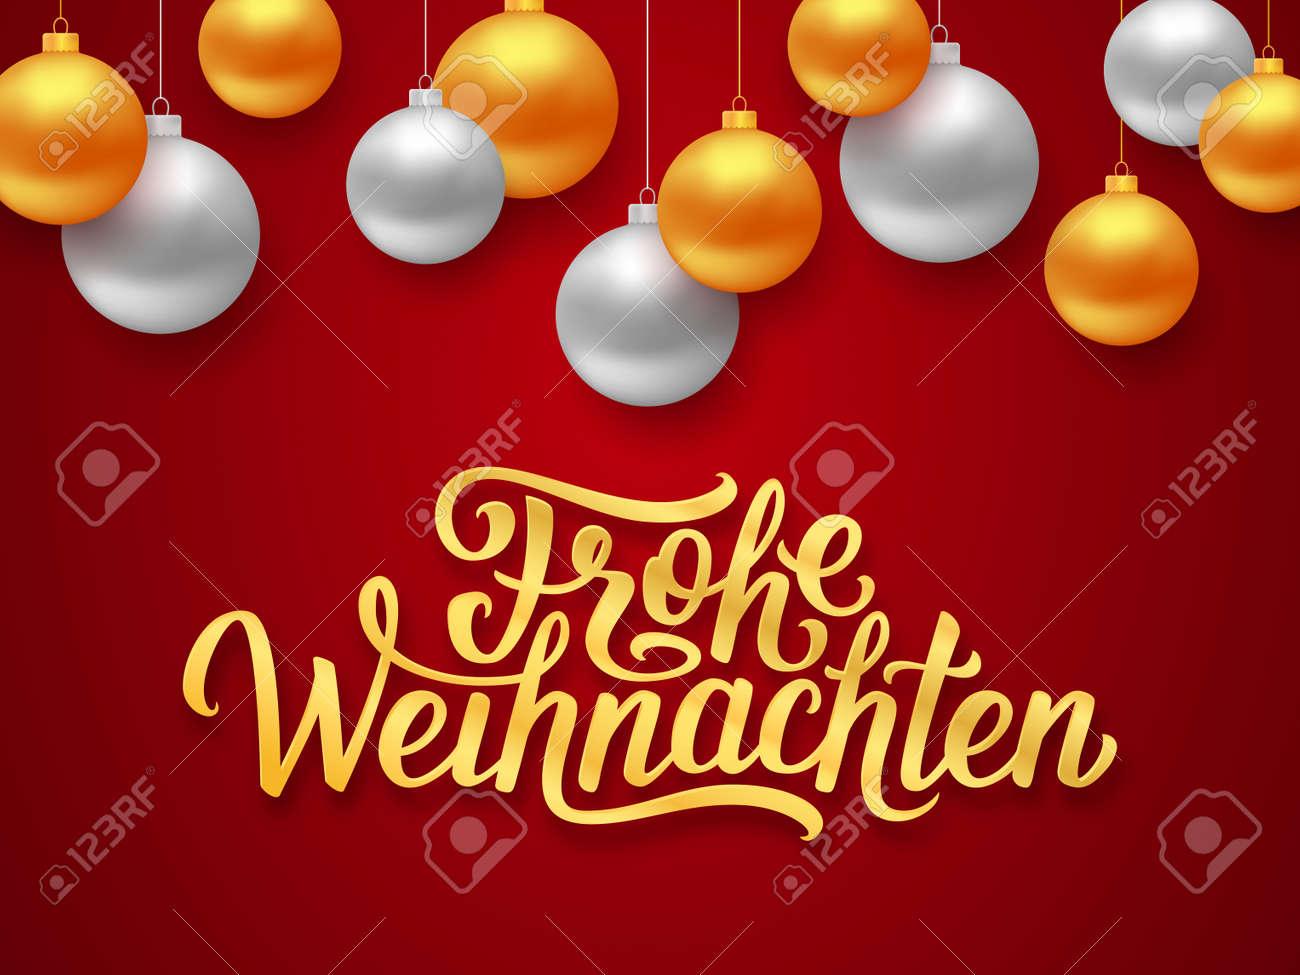 Frohe Weihnachten Deutsch Joyeux Noel Texte De Salutations De Saisons Sur Fond Rouge Avec Des Boules De Suspension D Or Et D Argent Illustration